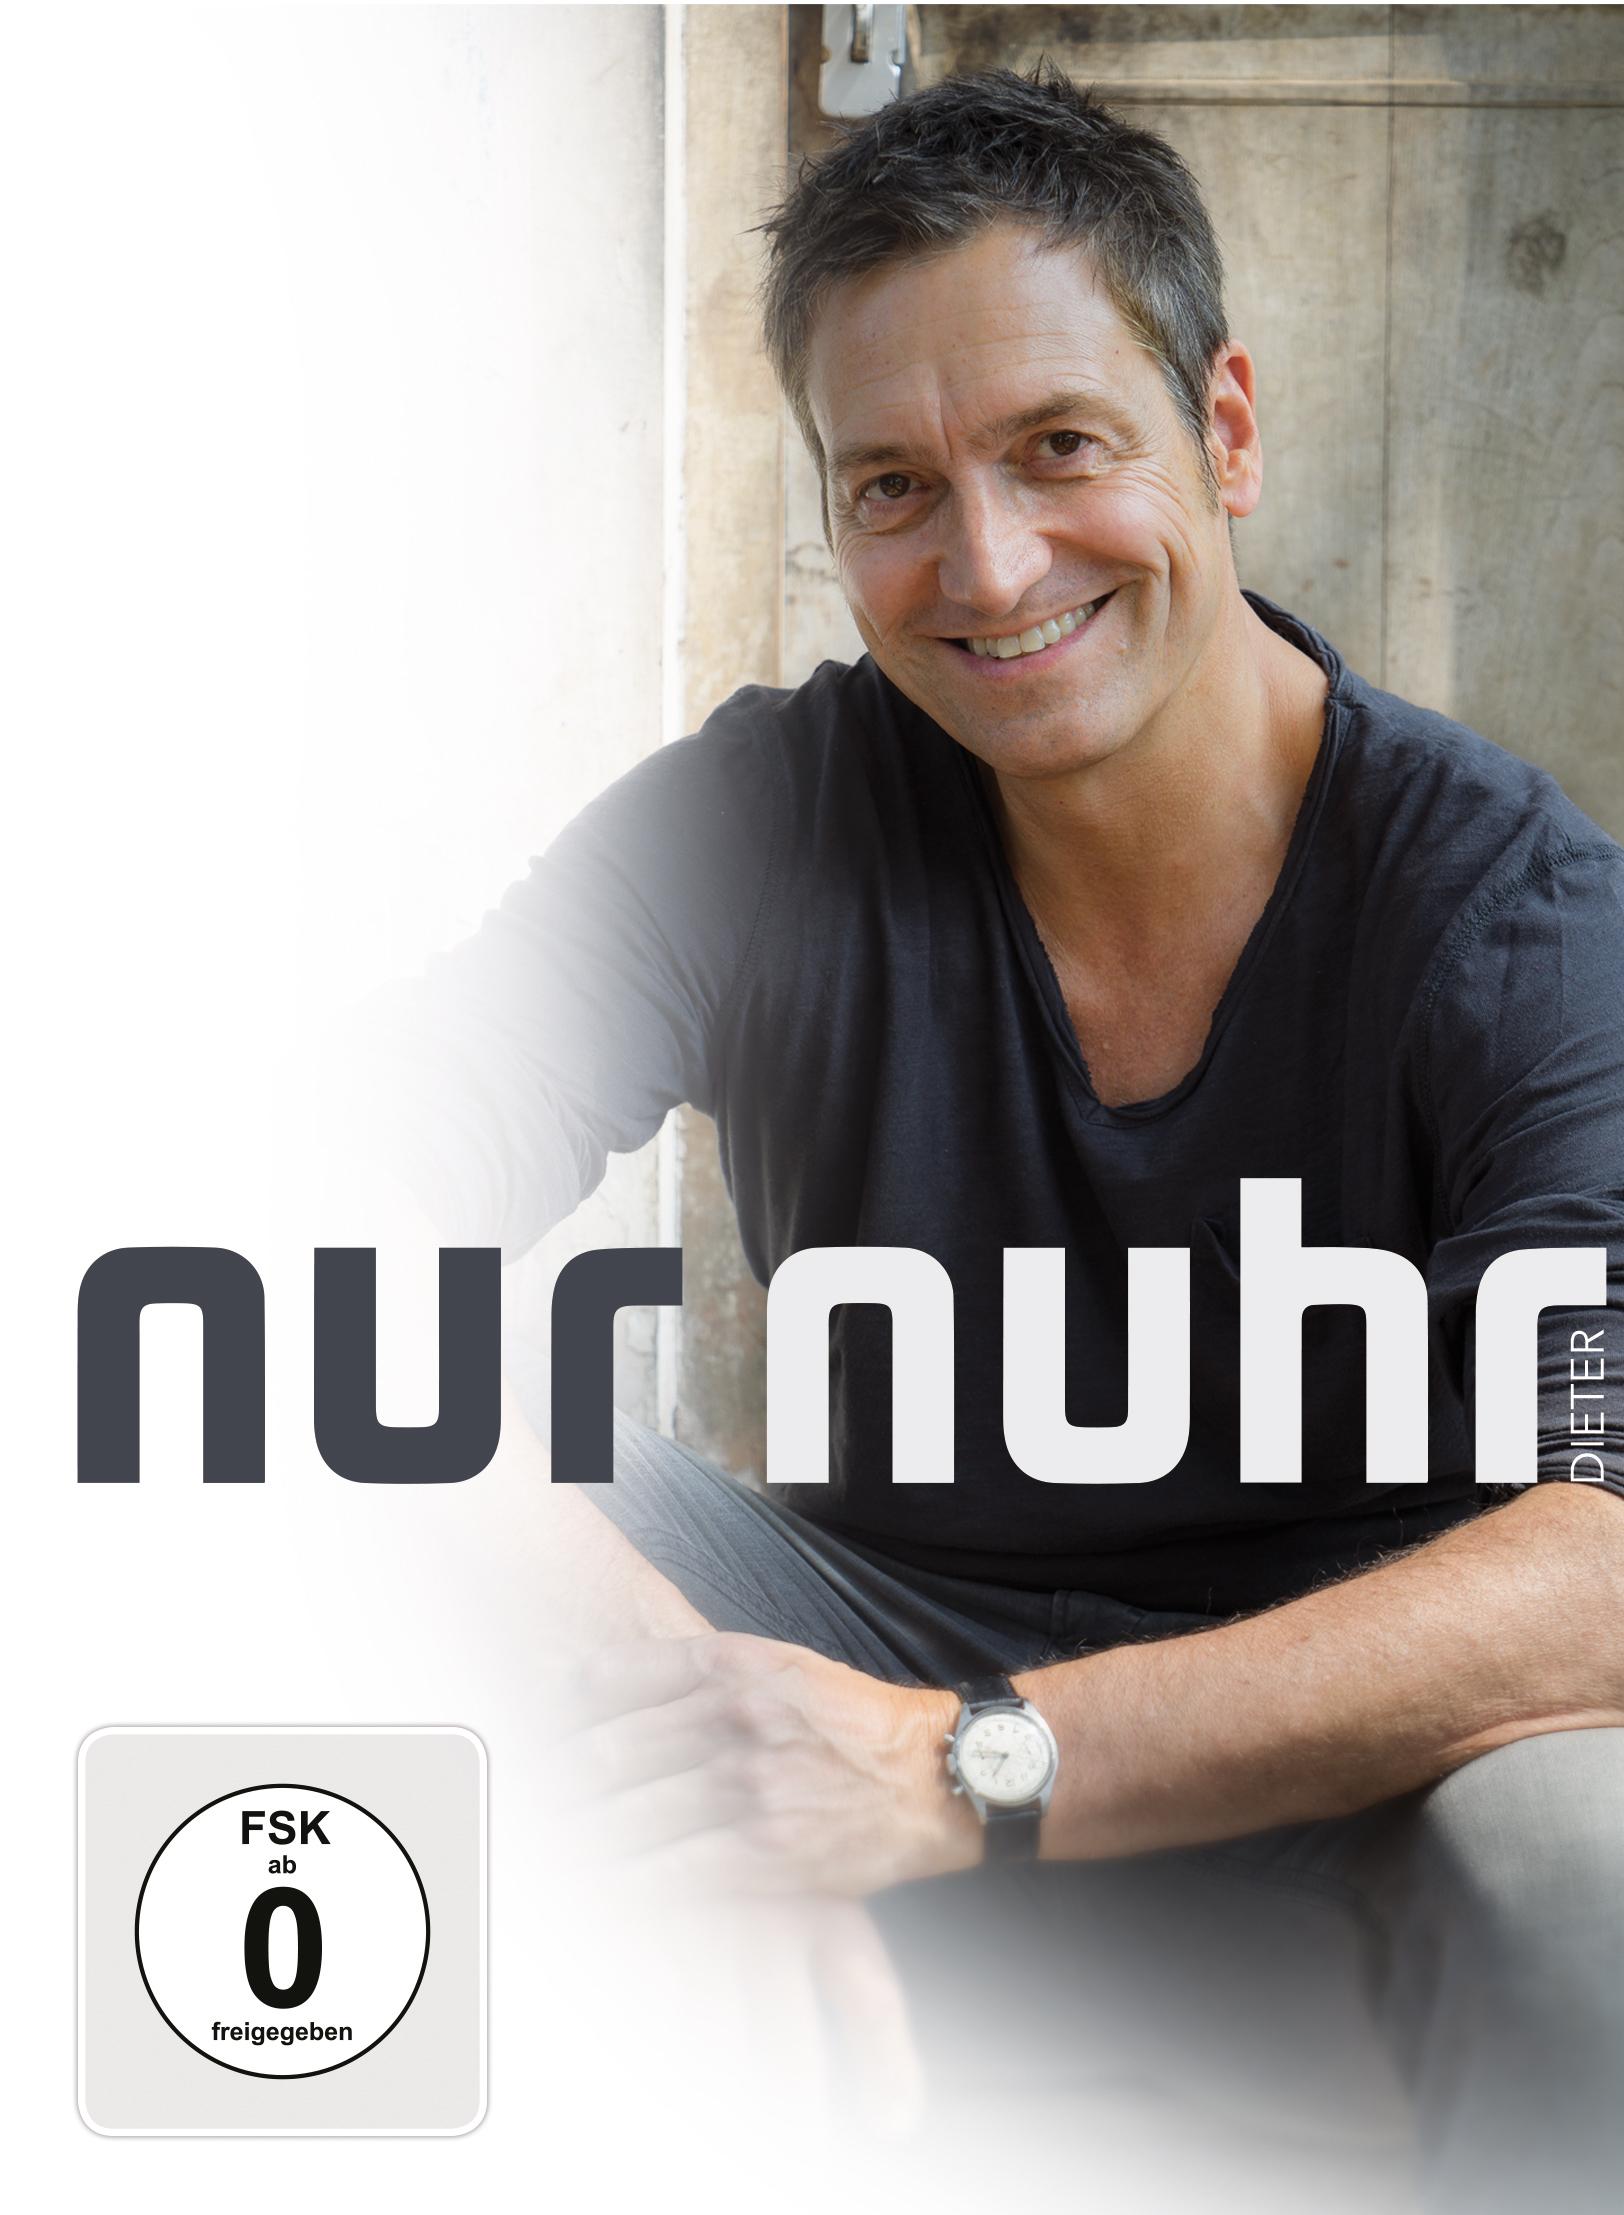 Dieter Nuhr Download